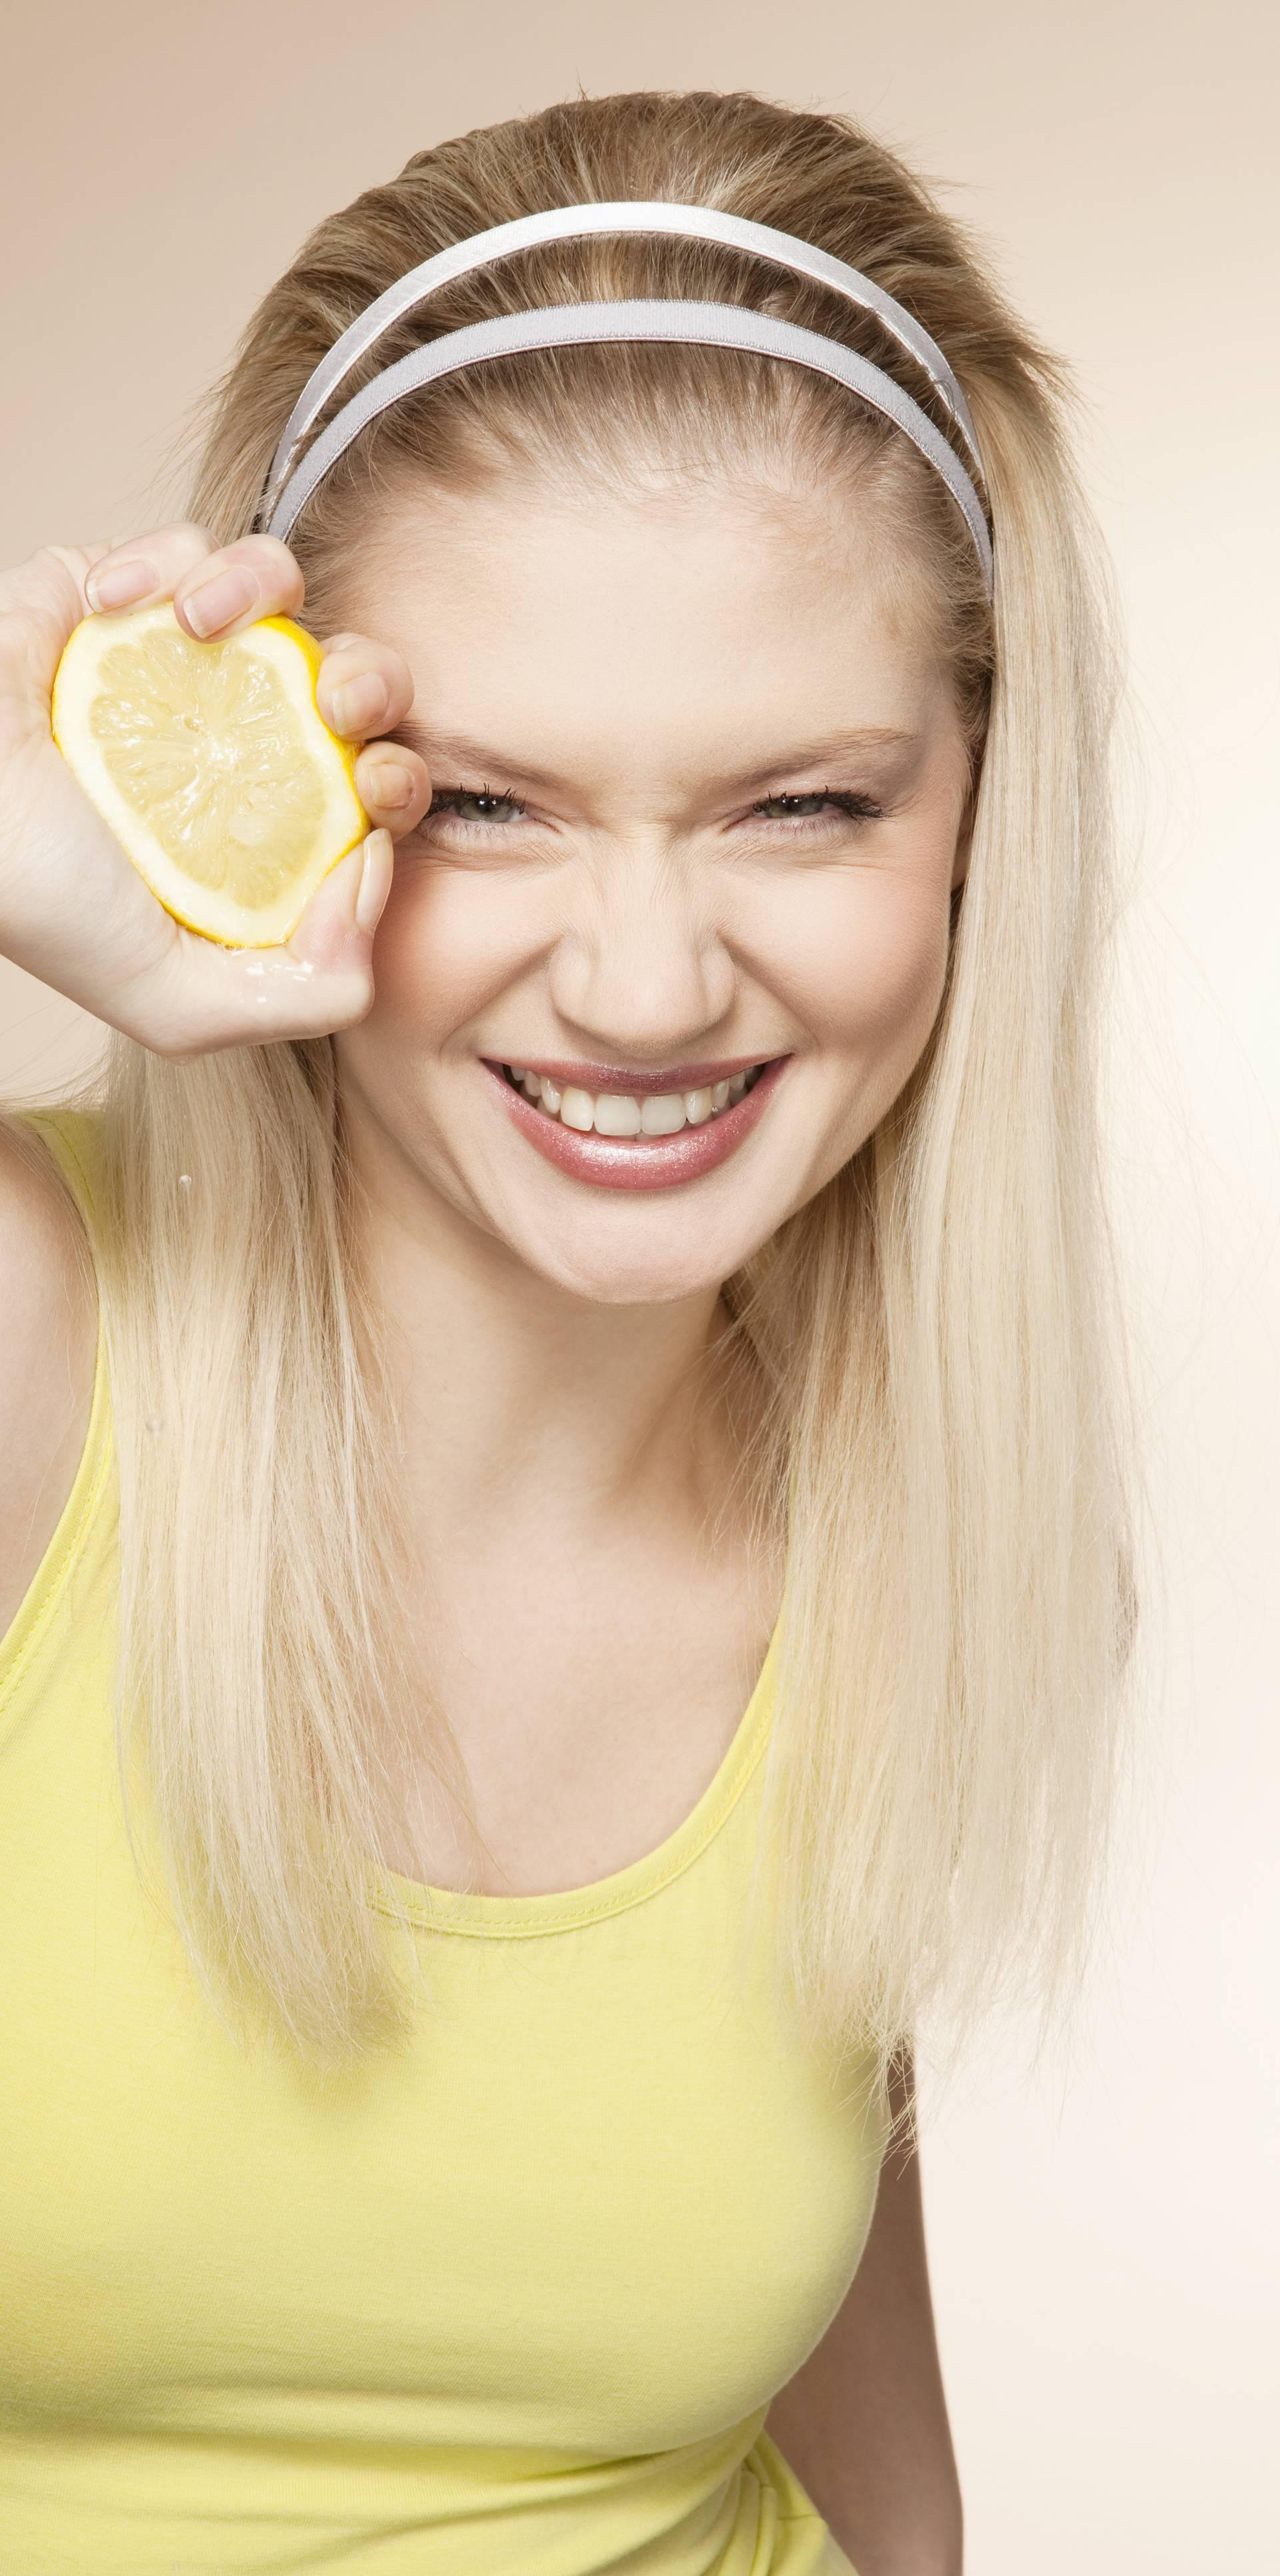 Young woman squeezing lemon, studio shot